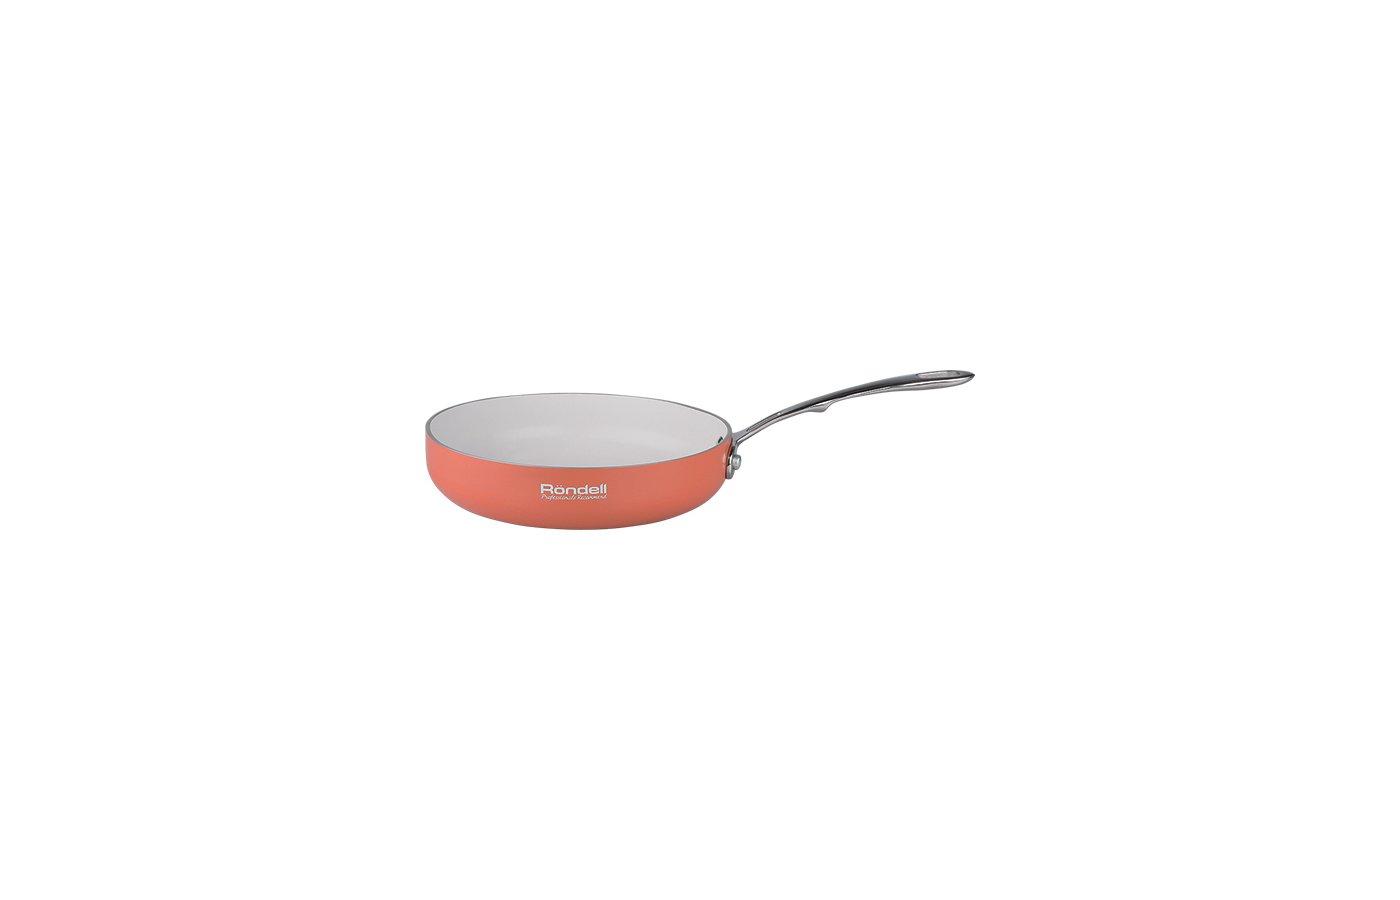 Сковорода Rondell RDA-525 26 см Terrakotte